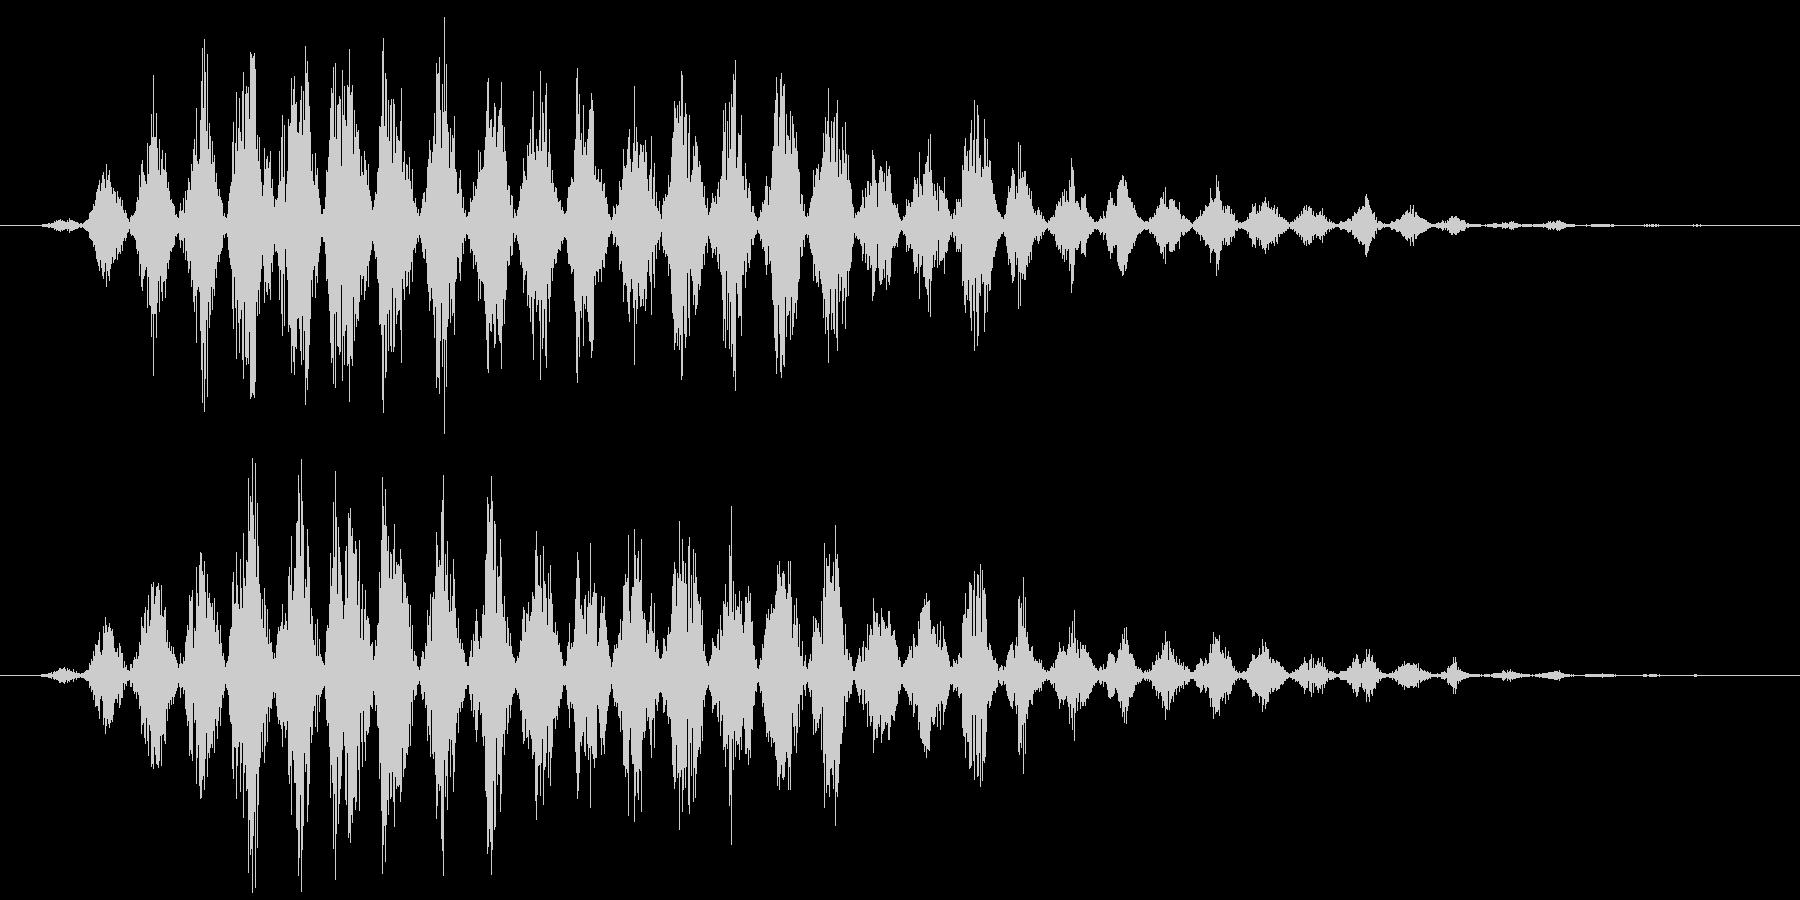 フルアァーッ(モンスター、声、鳥系)の未再生の波形